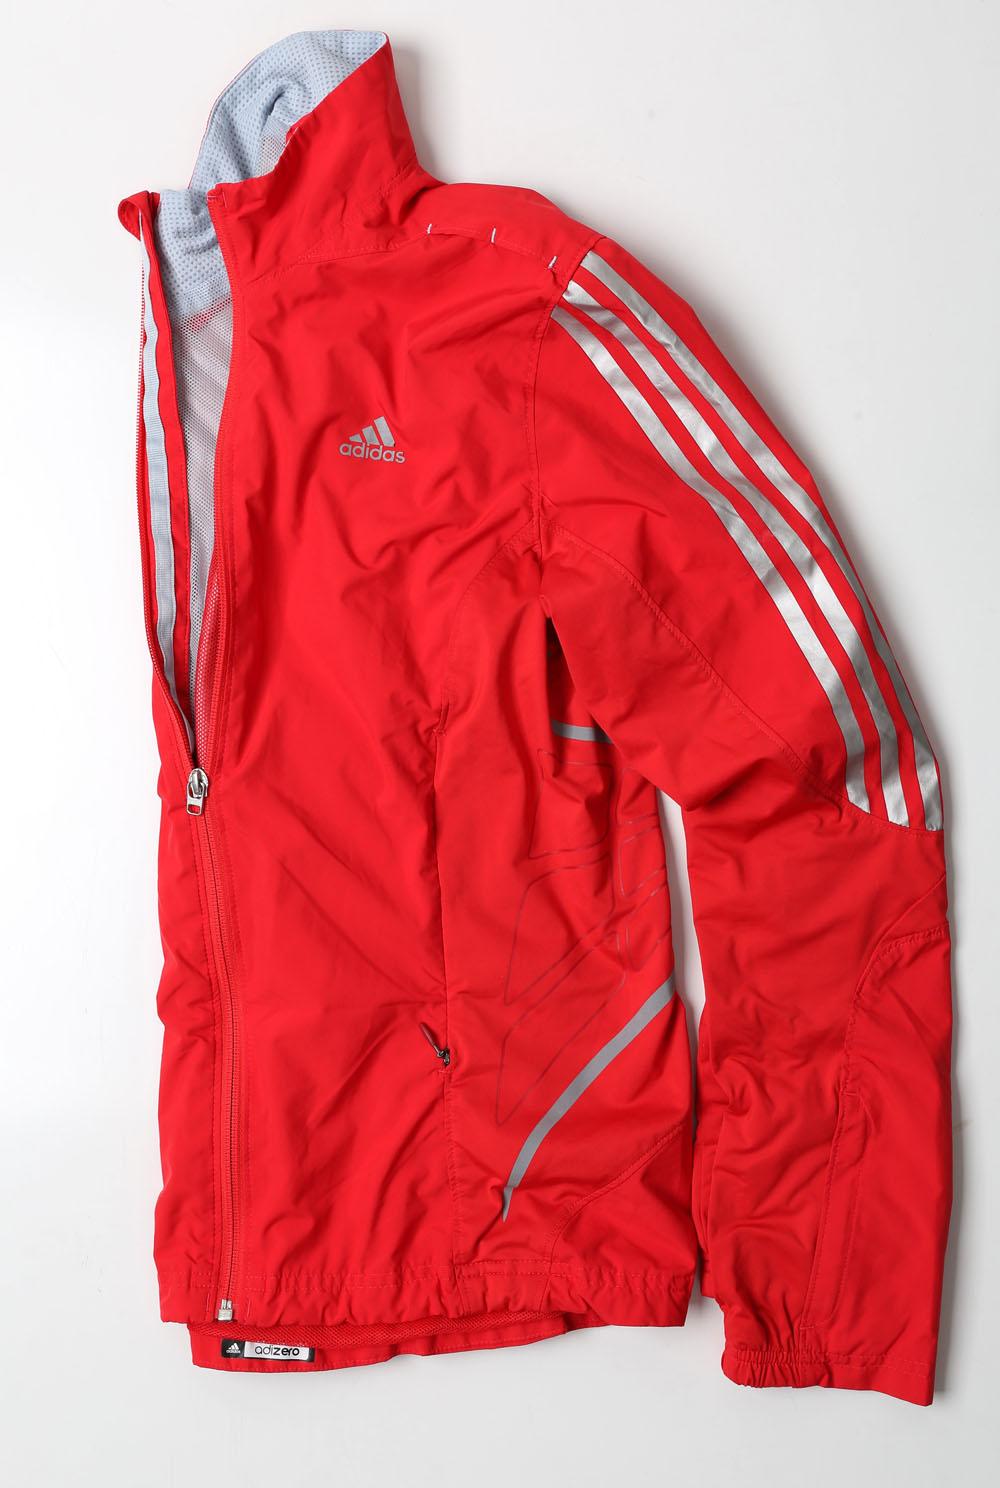 Sarkana sporta vējjaka  Adidas. Ļoti ērta un smukā krāsā.  15 eiro, Timberlit.